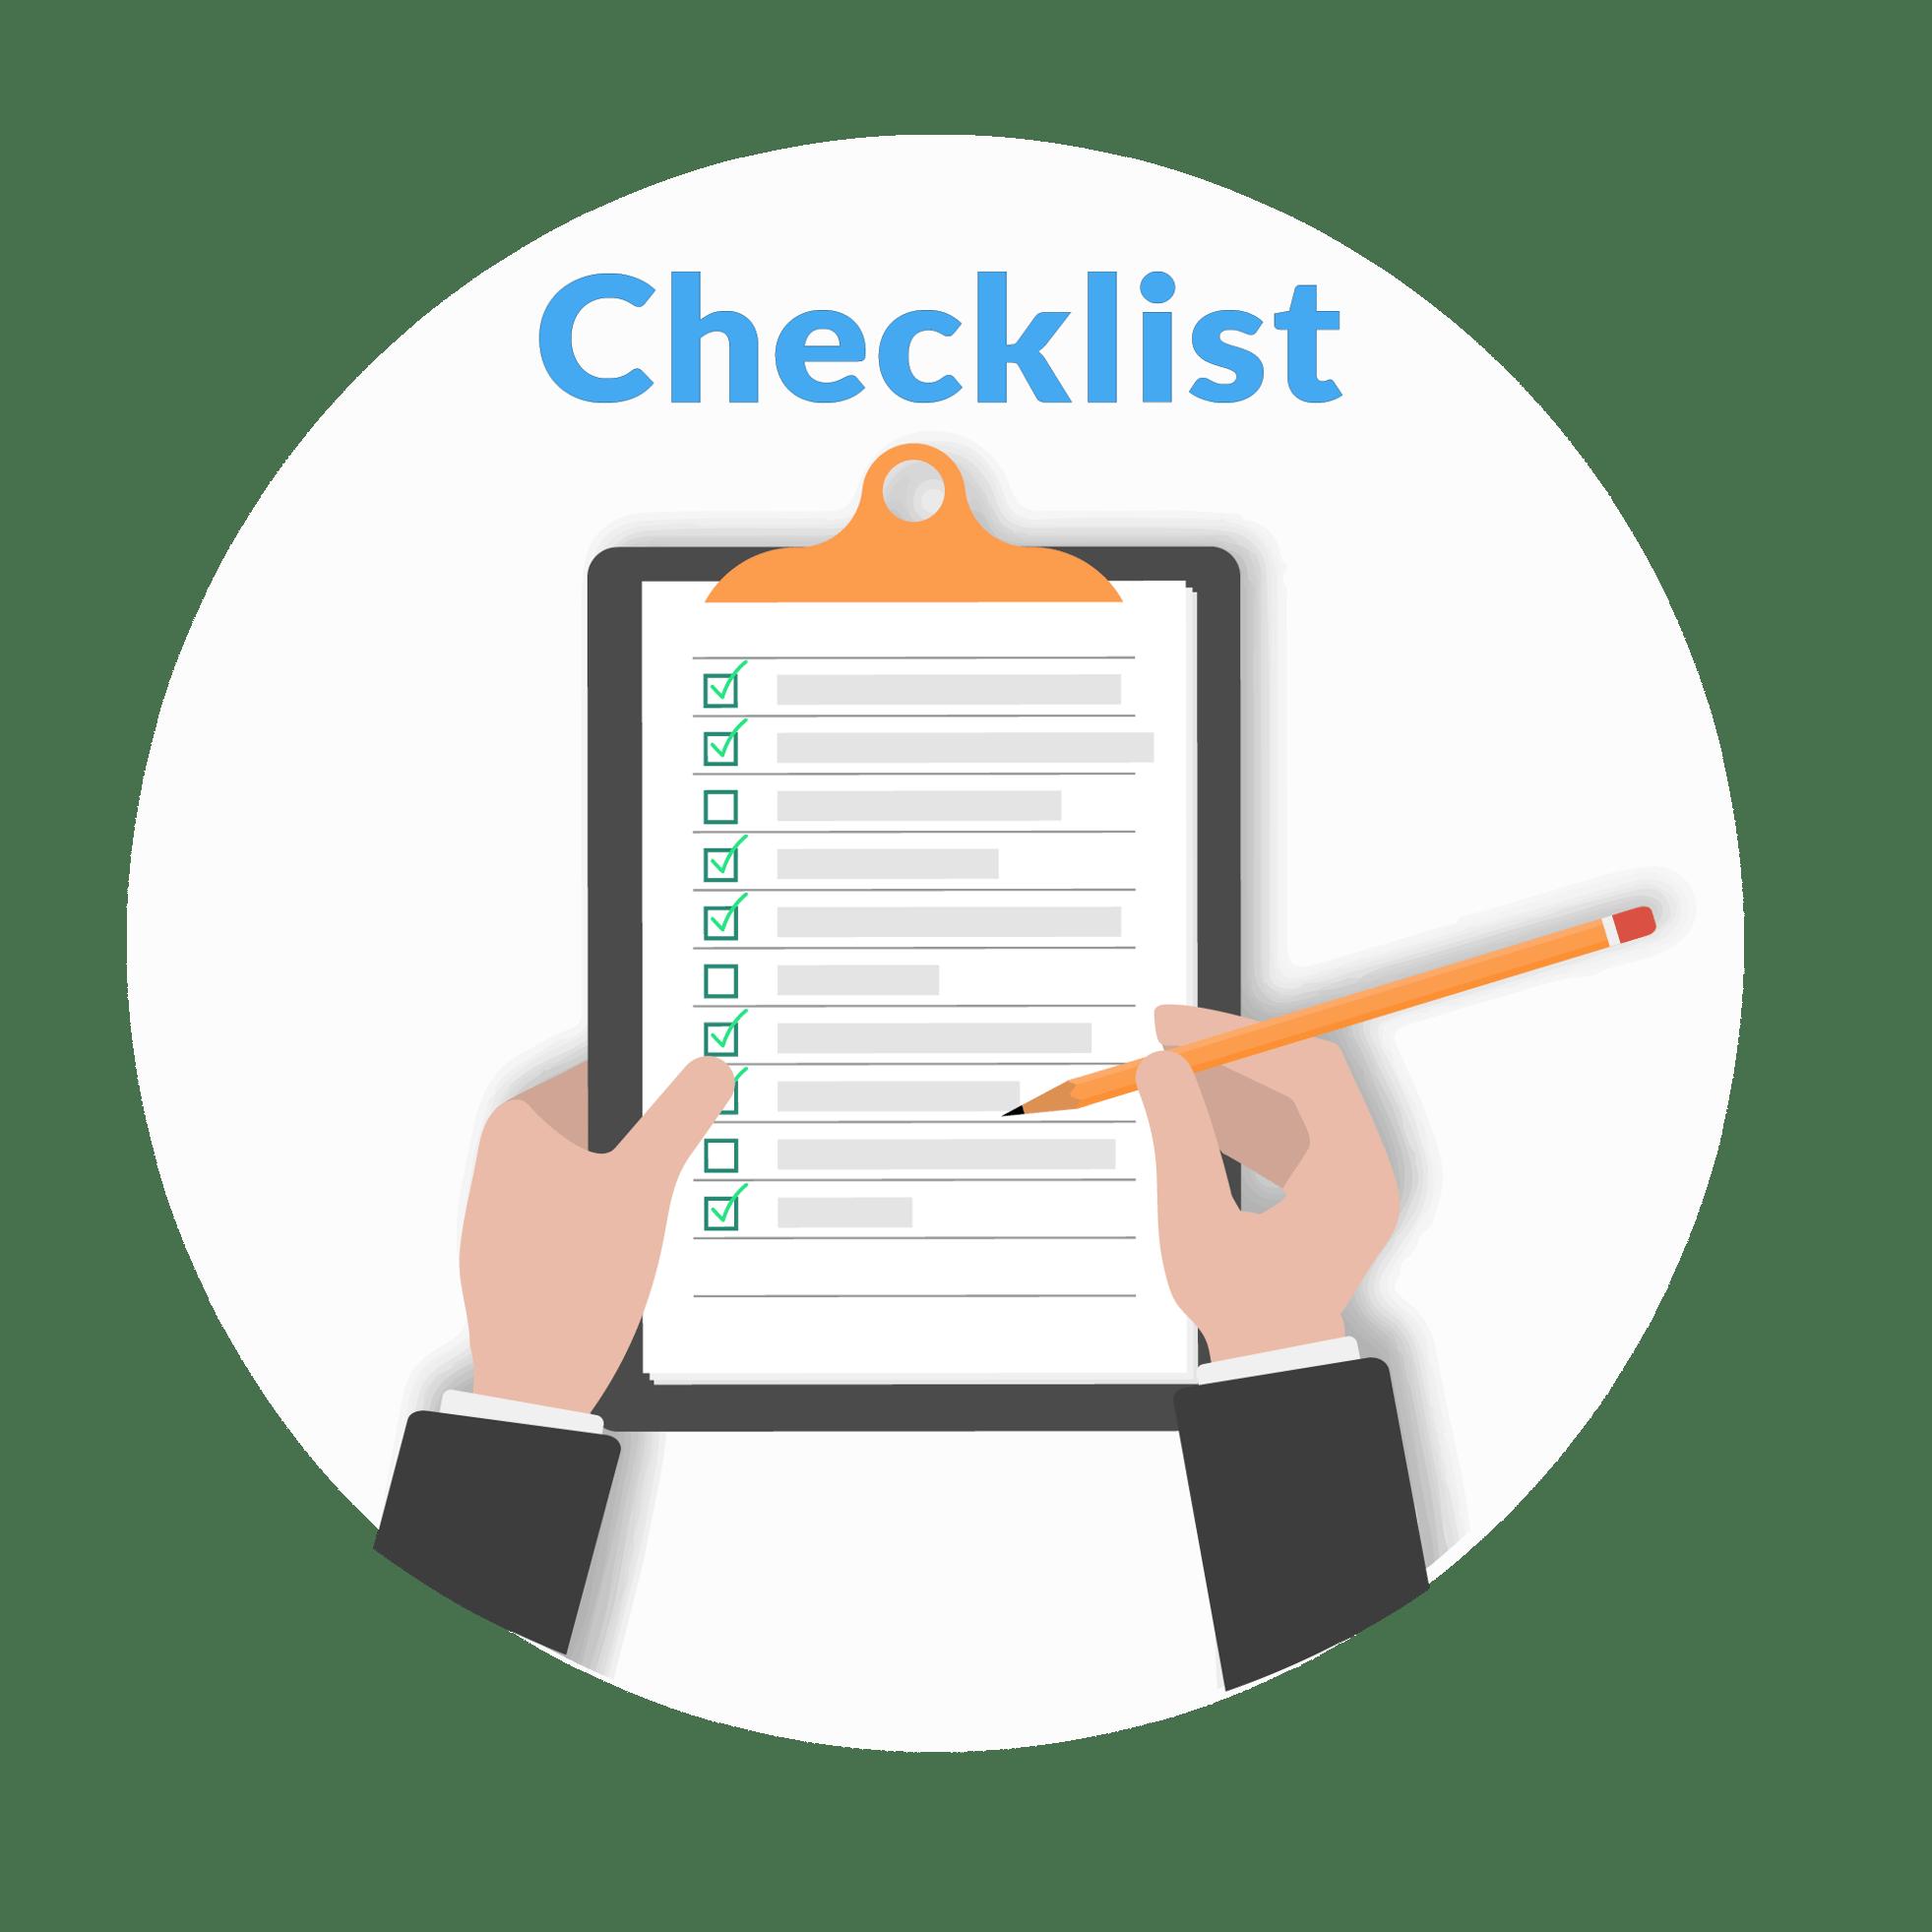 Checklist round